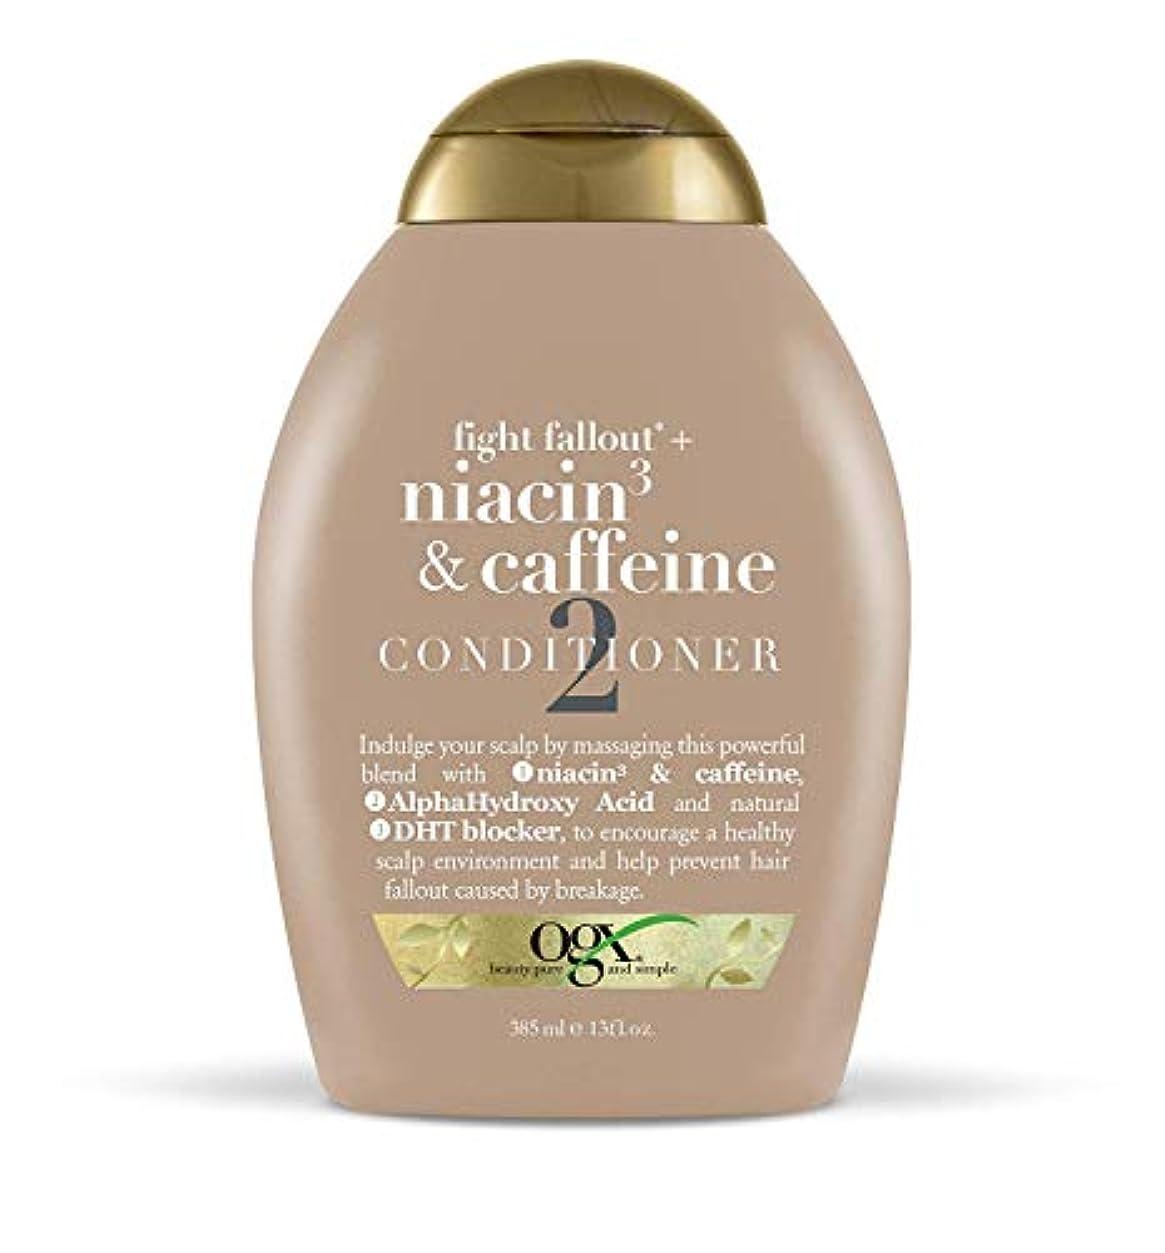 ジャーナリスト息子反発するOGX Conditioner Niacin 3 & Caffeine 13oz コンディショナー ナイアシン 3 & カフェイン 385 ml [並行輸入品]